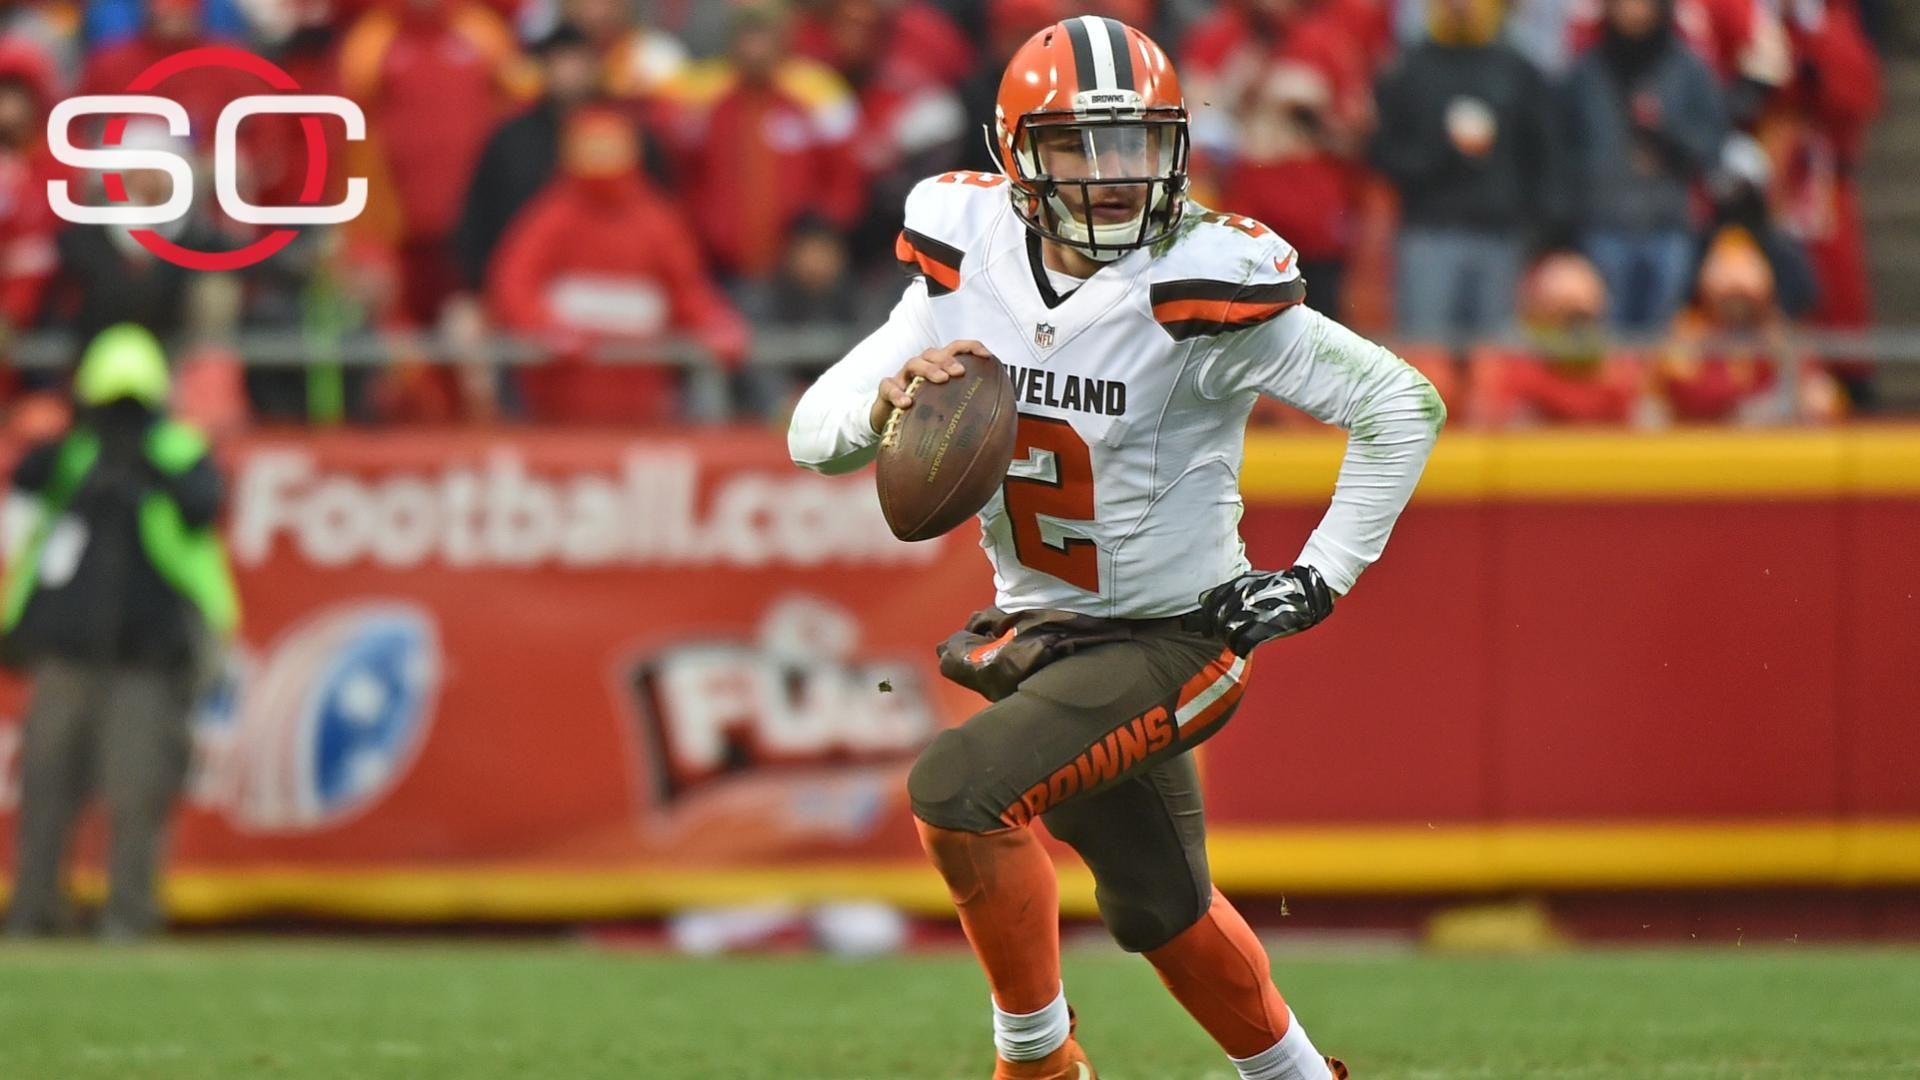 Browns plan to release Manziel